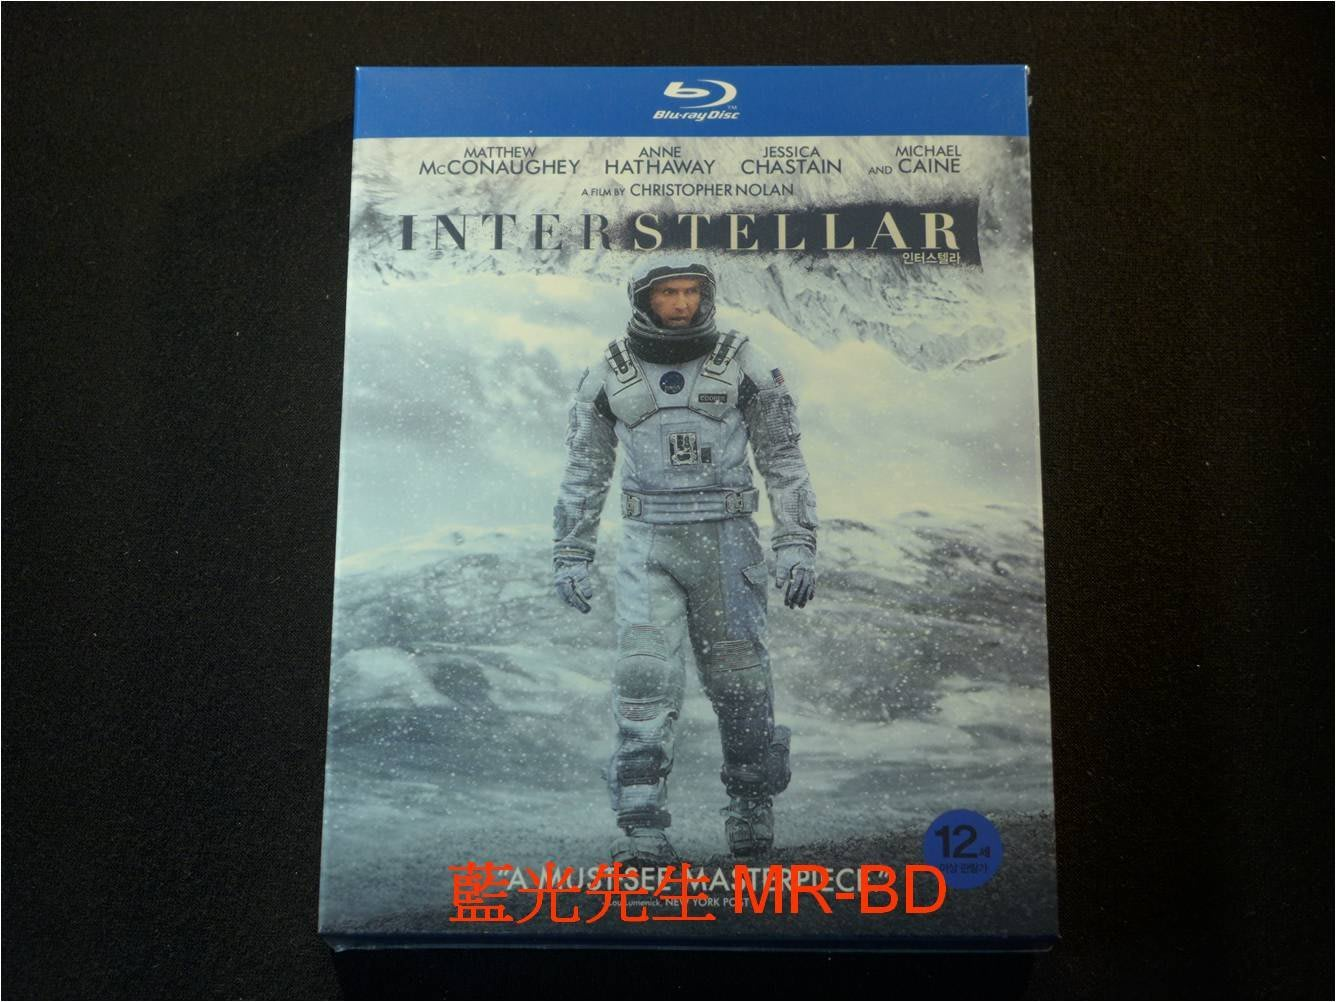 [藍光BD] - 星際效應 Interstellar 雙碟限量收藏版 - 限量加贈48頁幕後電影設定集